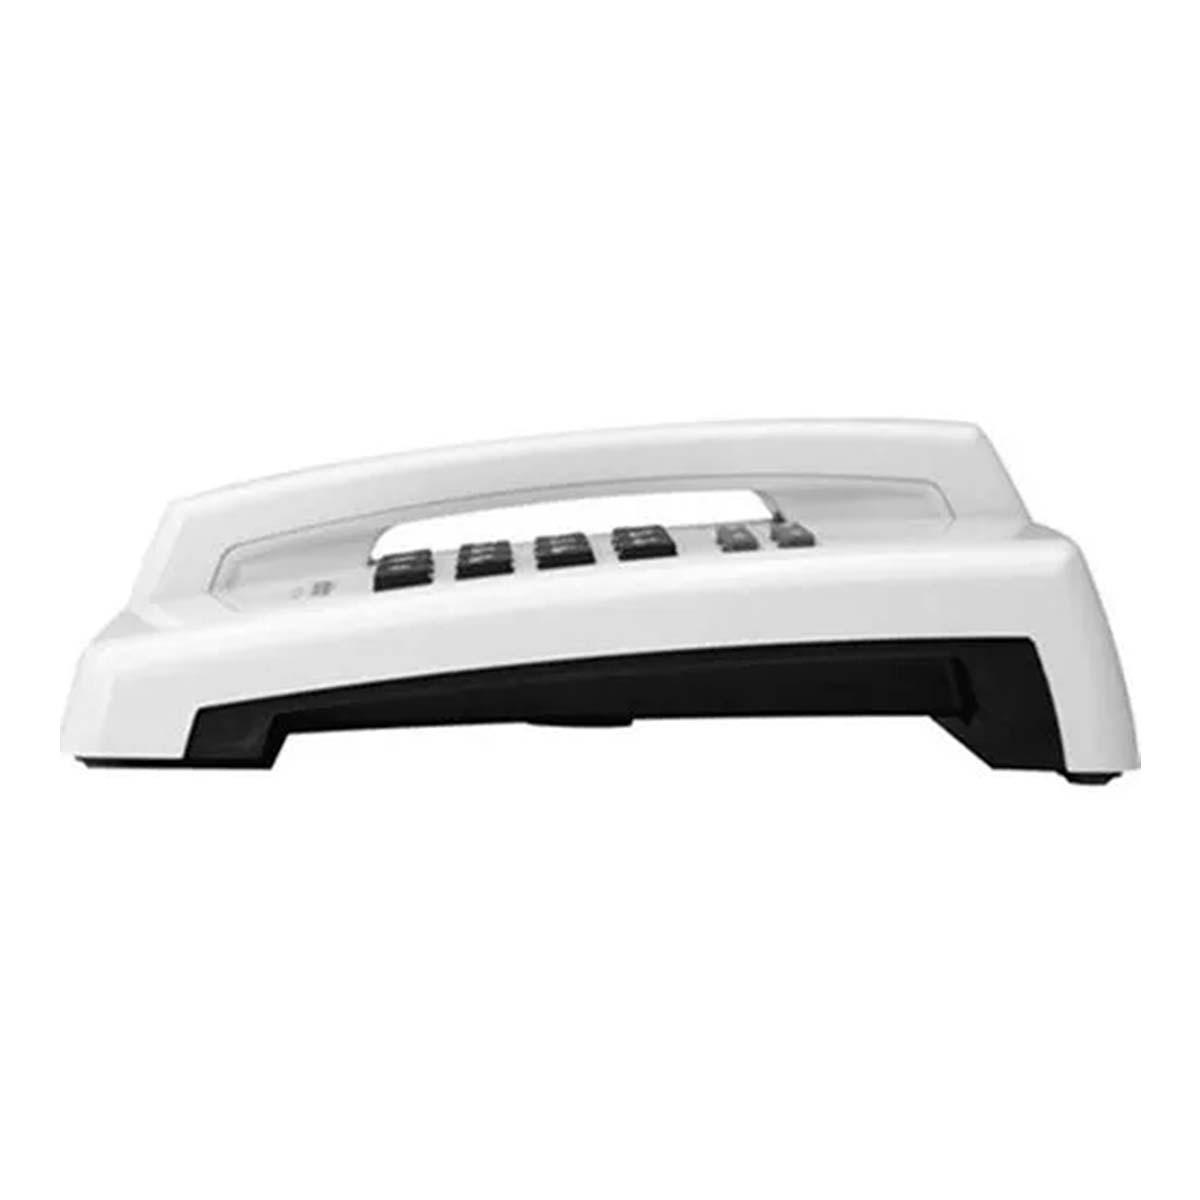 Kit 03 Telefone De Mesa Intelbras Tc50 Premium Branco